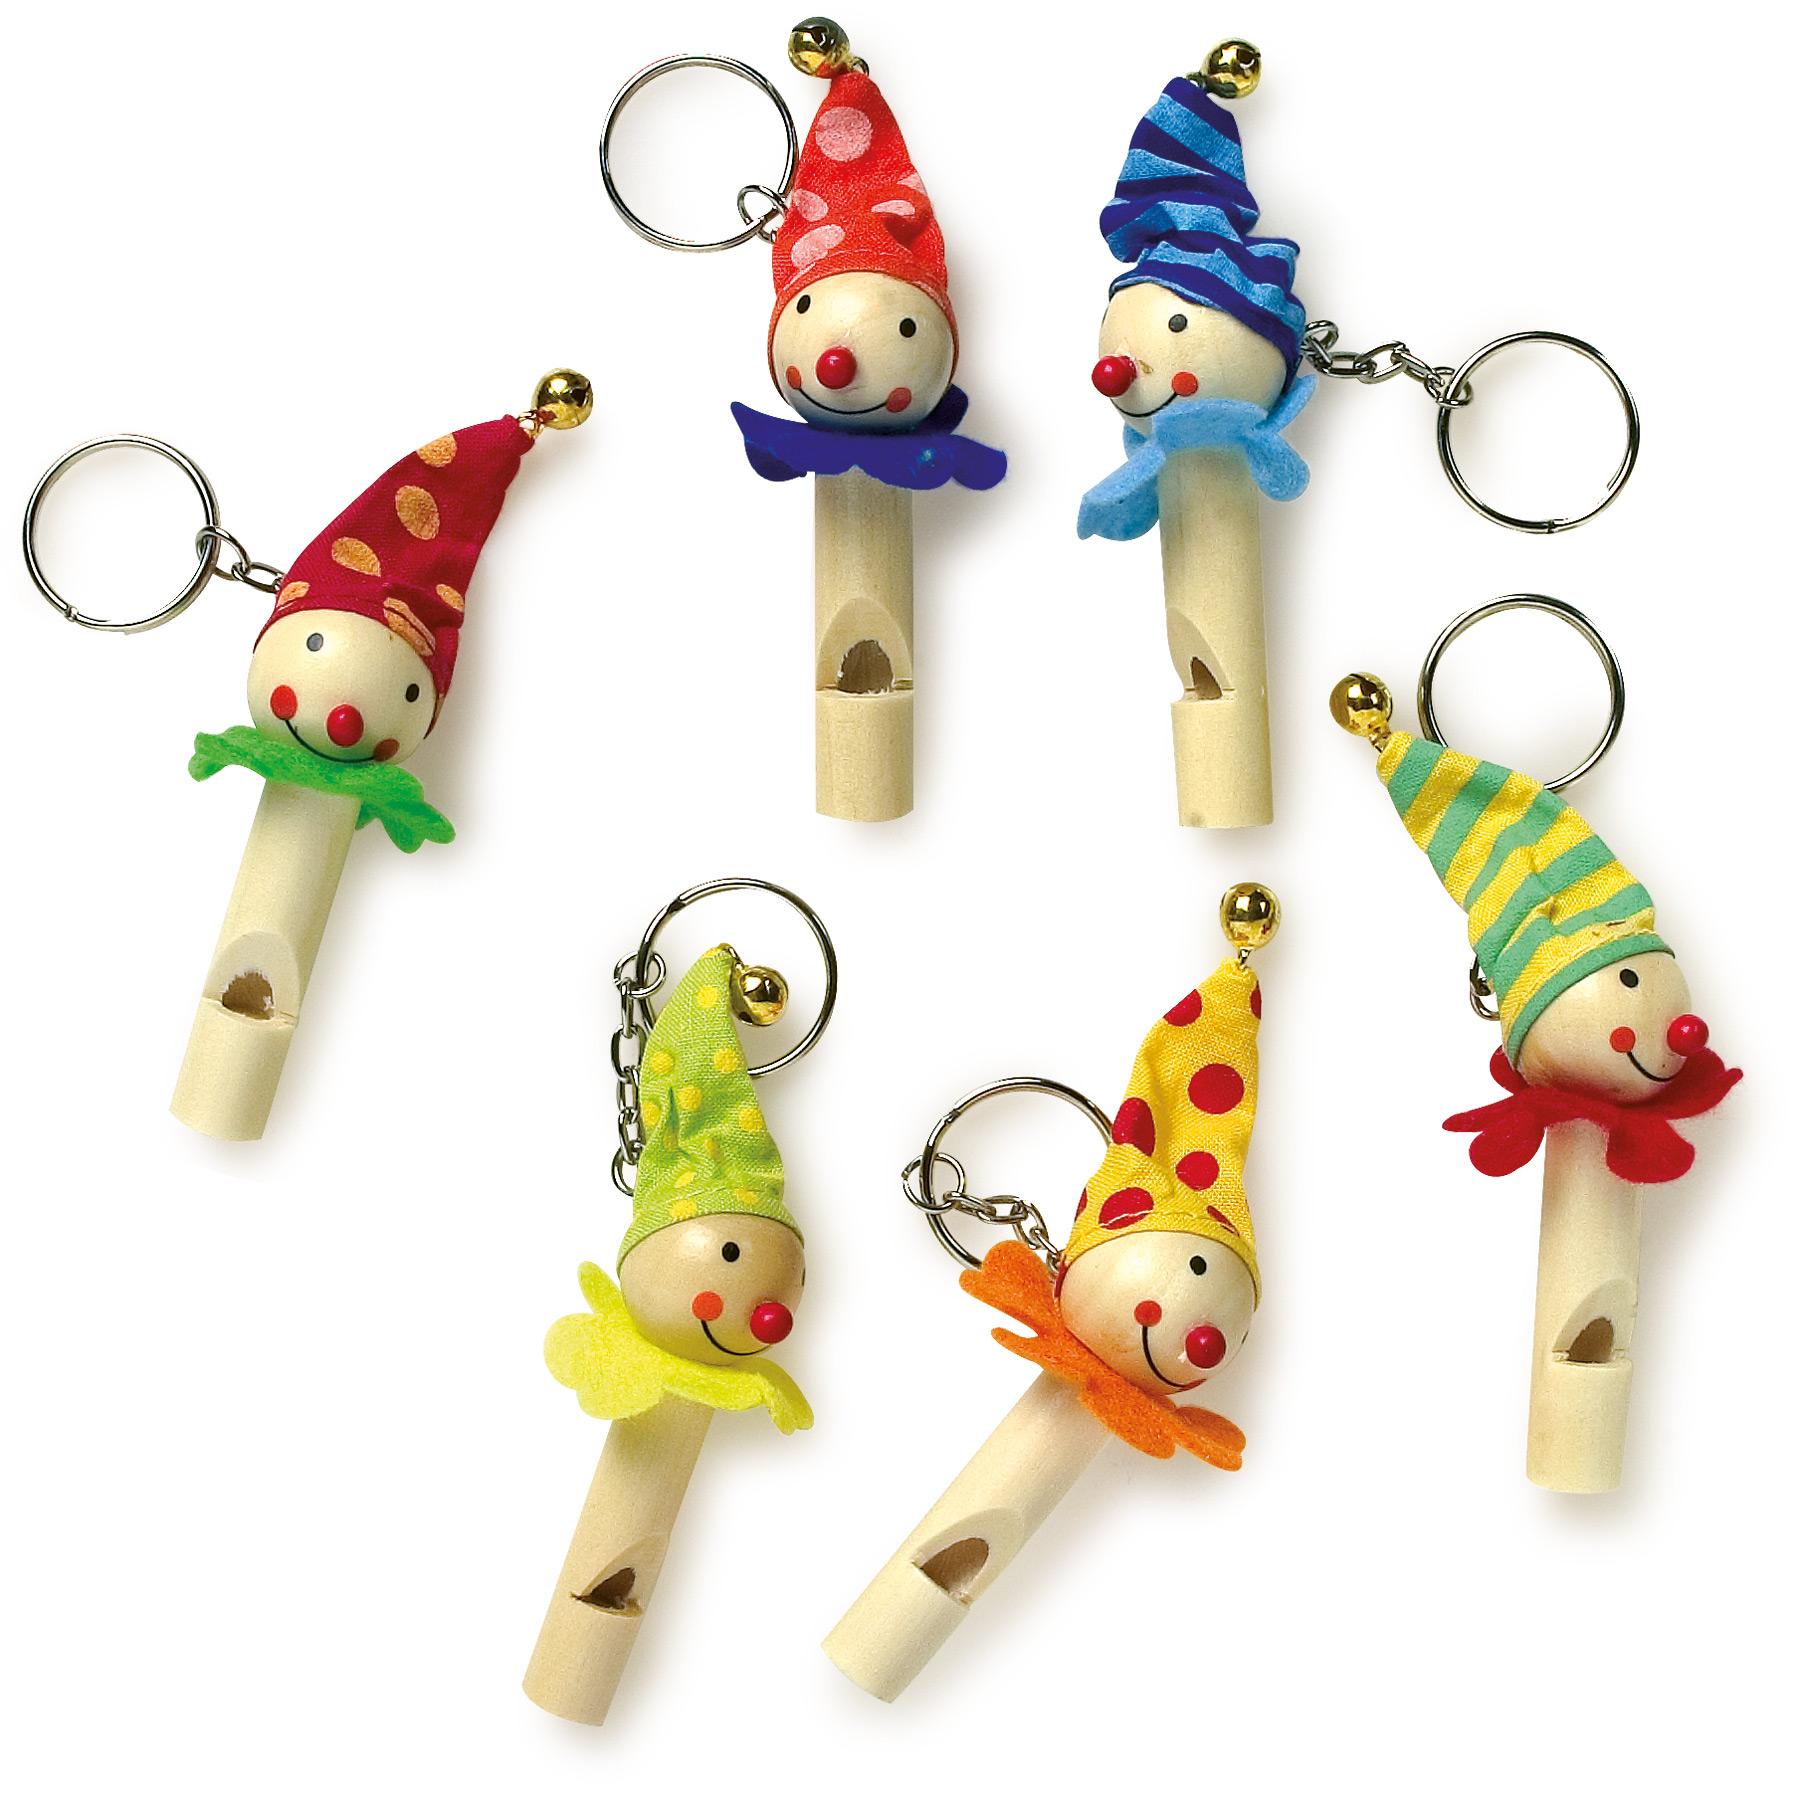 Small Foot Dřevěné přívěšky na klíče píšťalka,klauni sada 6 ks